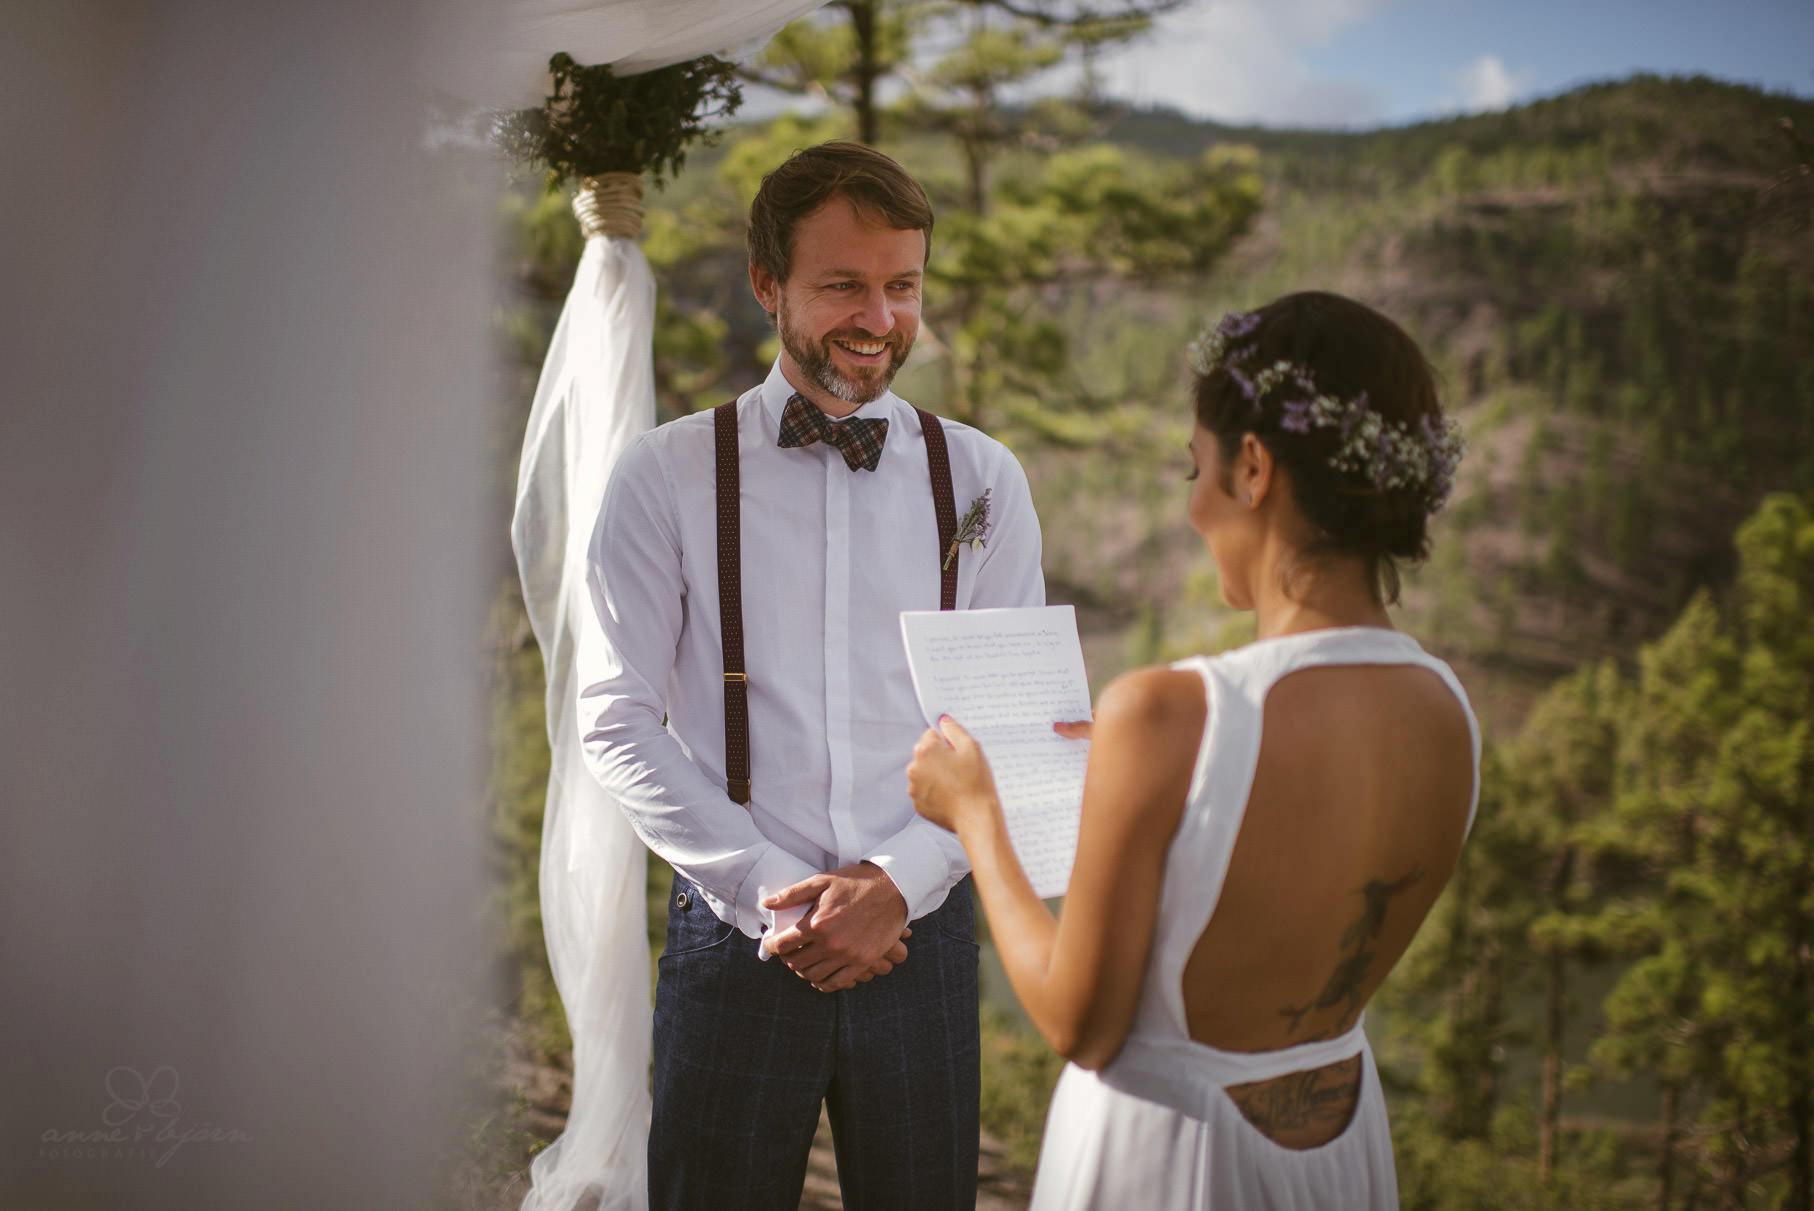 0082 lug d75 6595 bearbeitet - Hochzeit auf Gran Canaria - Linda & Gerald (Elopement)